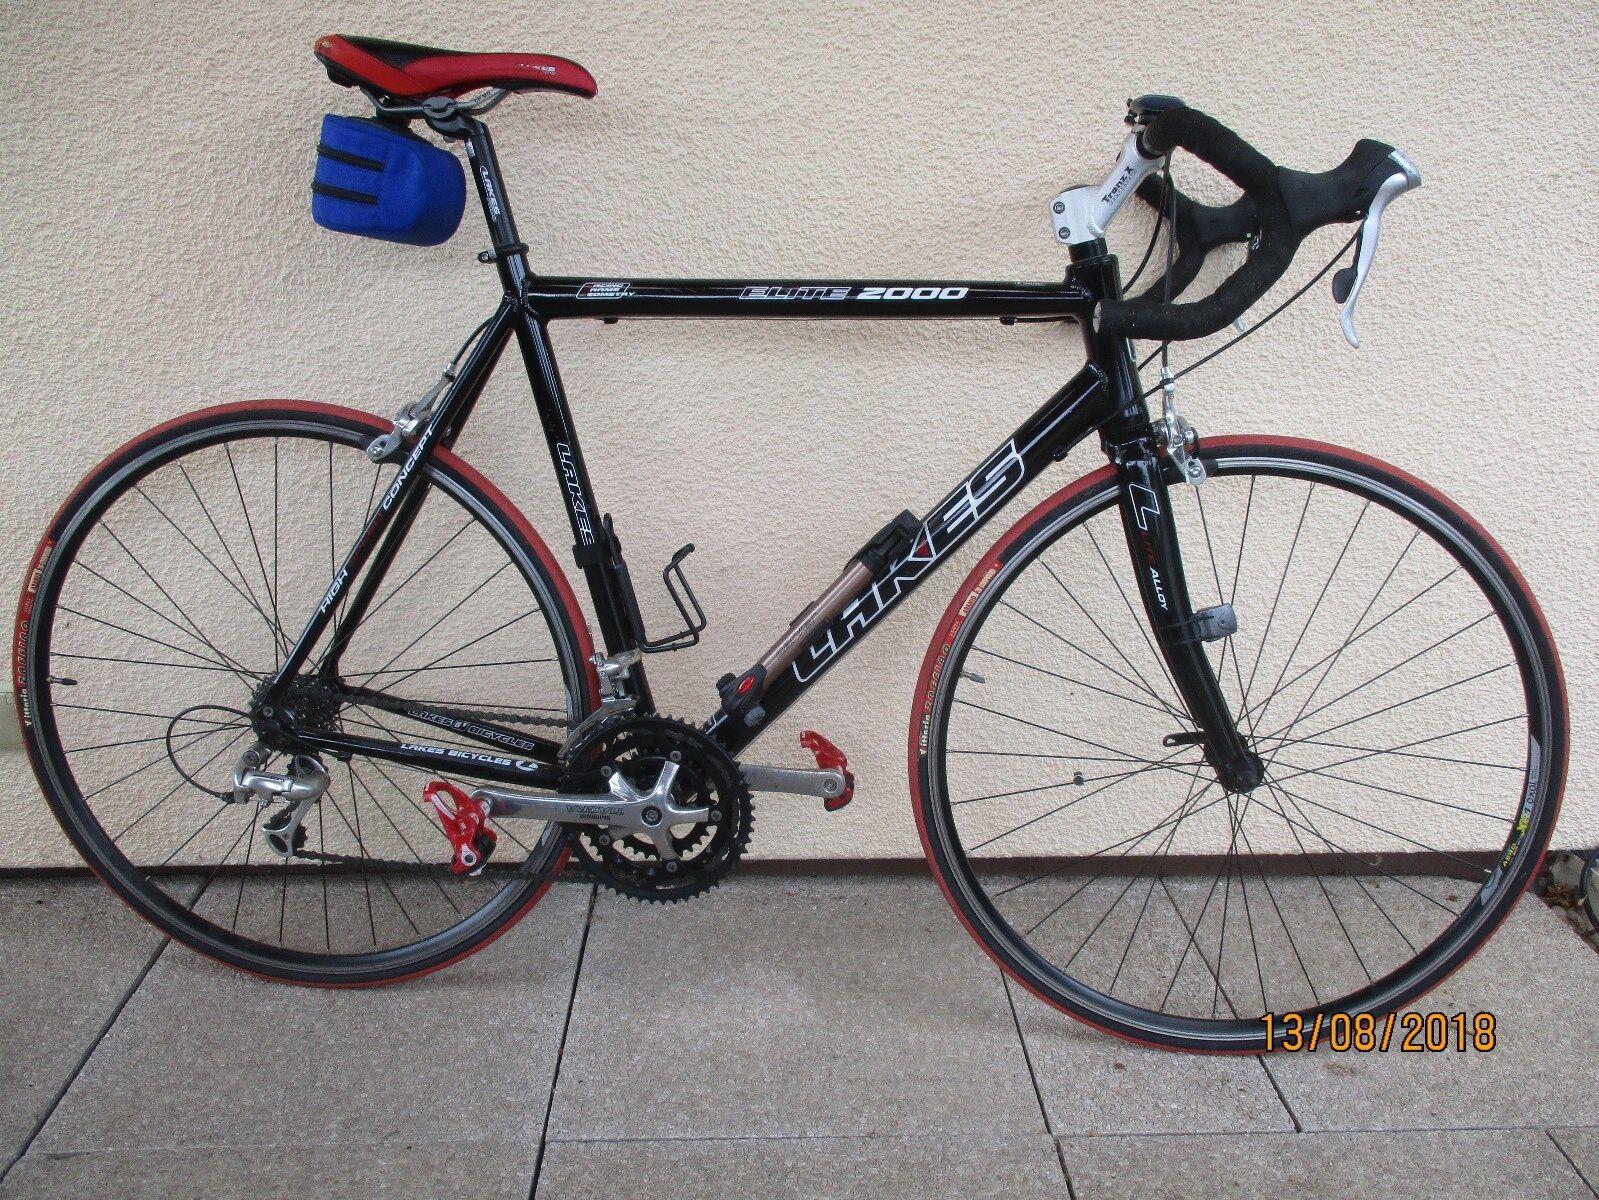 Herren Rennrad  Elite 2000 schwarz 28, gebraucht, 54 Rahmen, 27 Gänge    Sale Deutschland